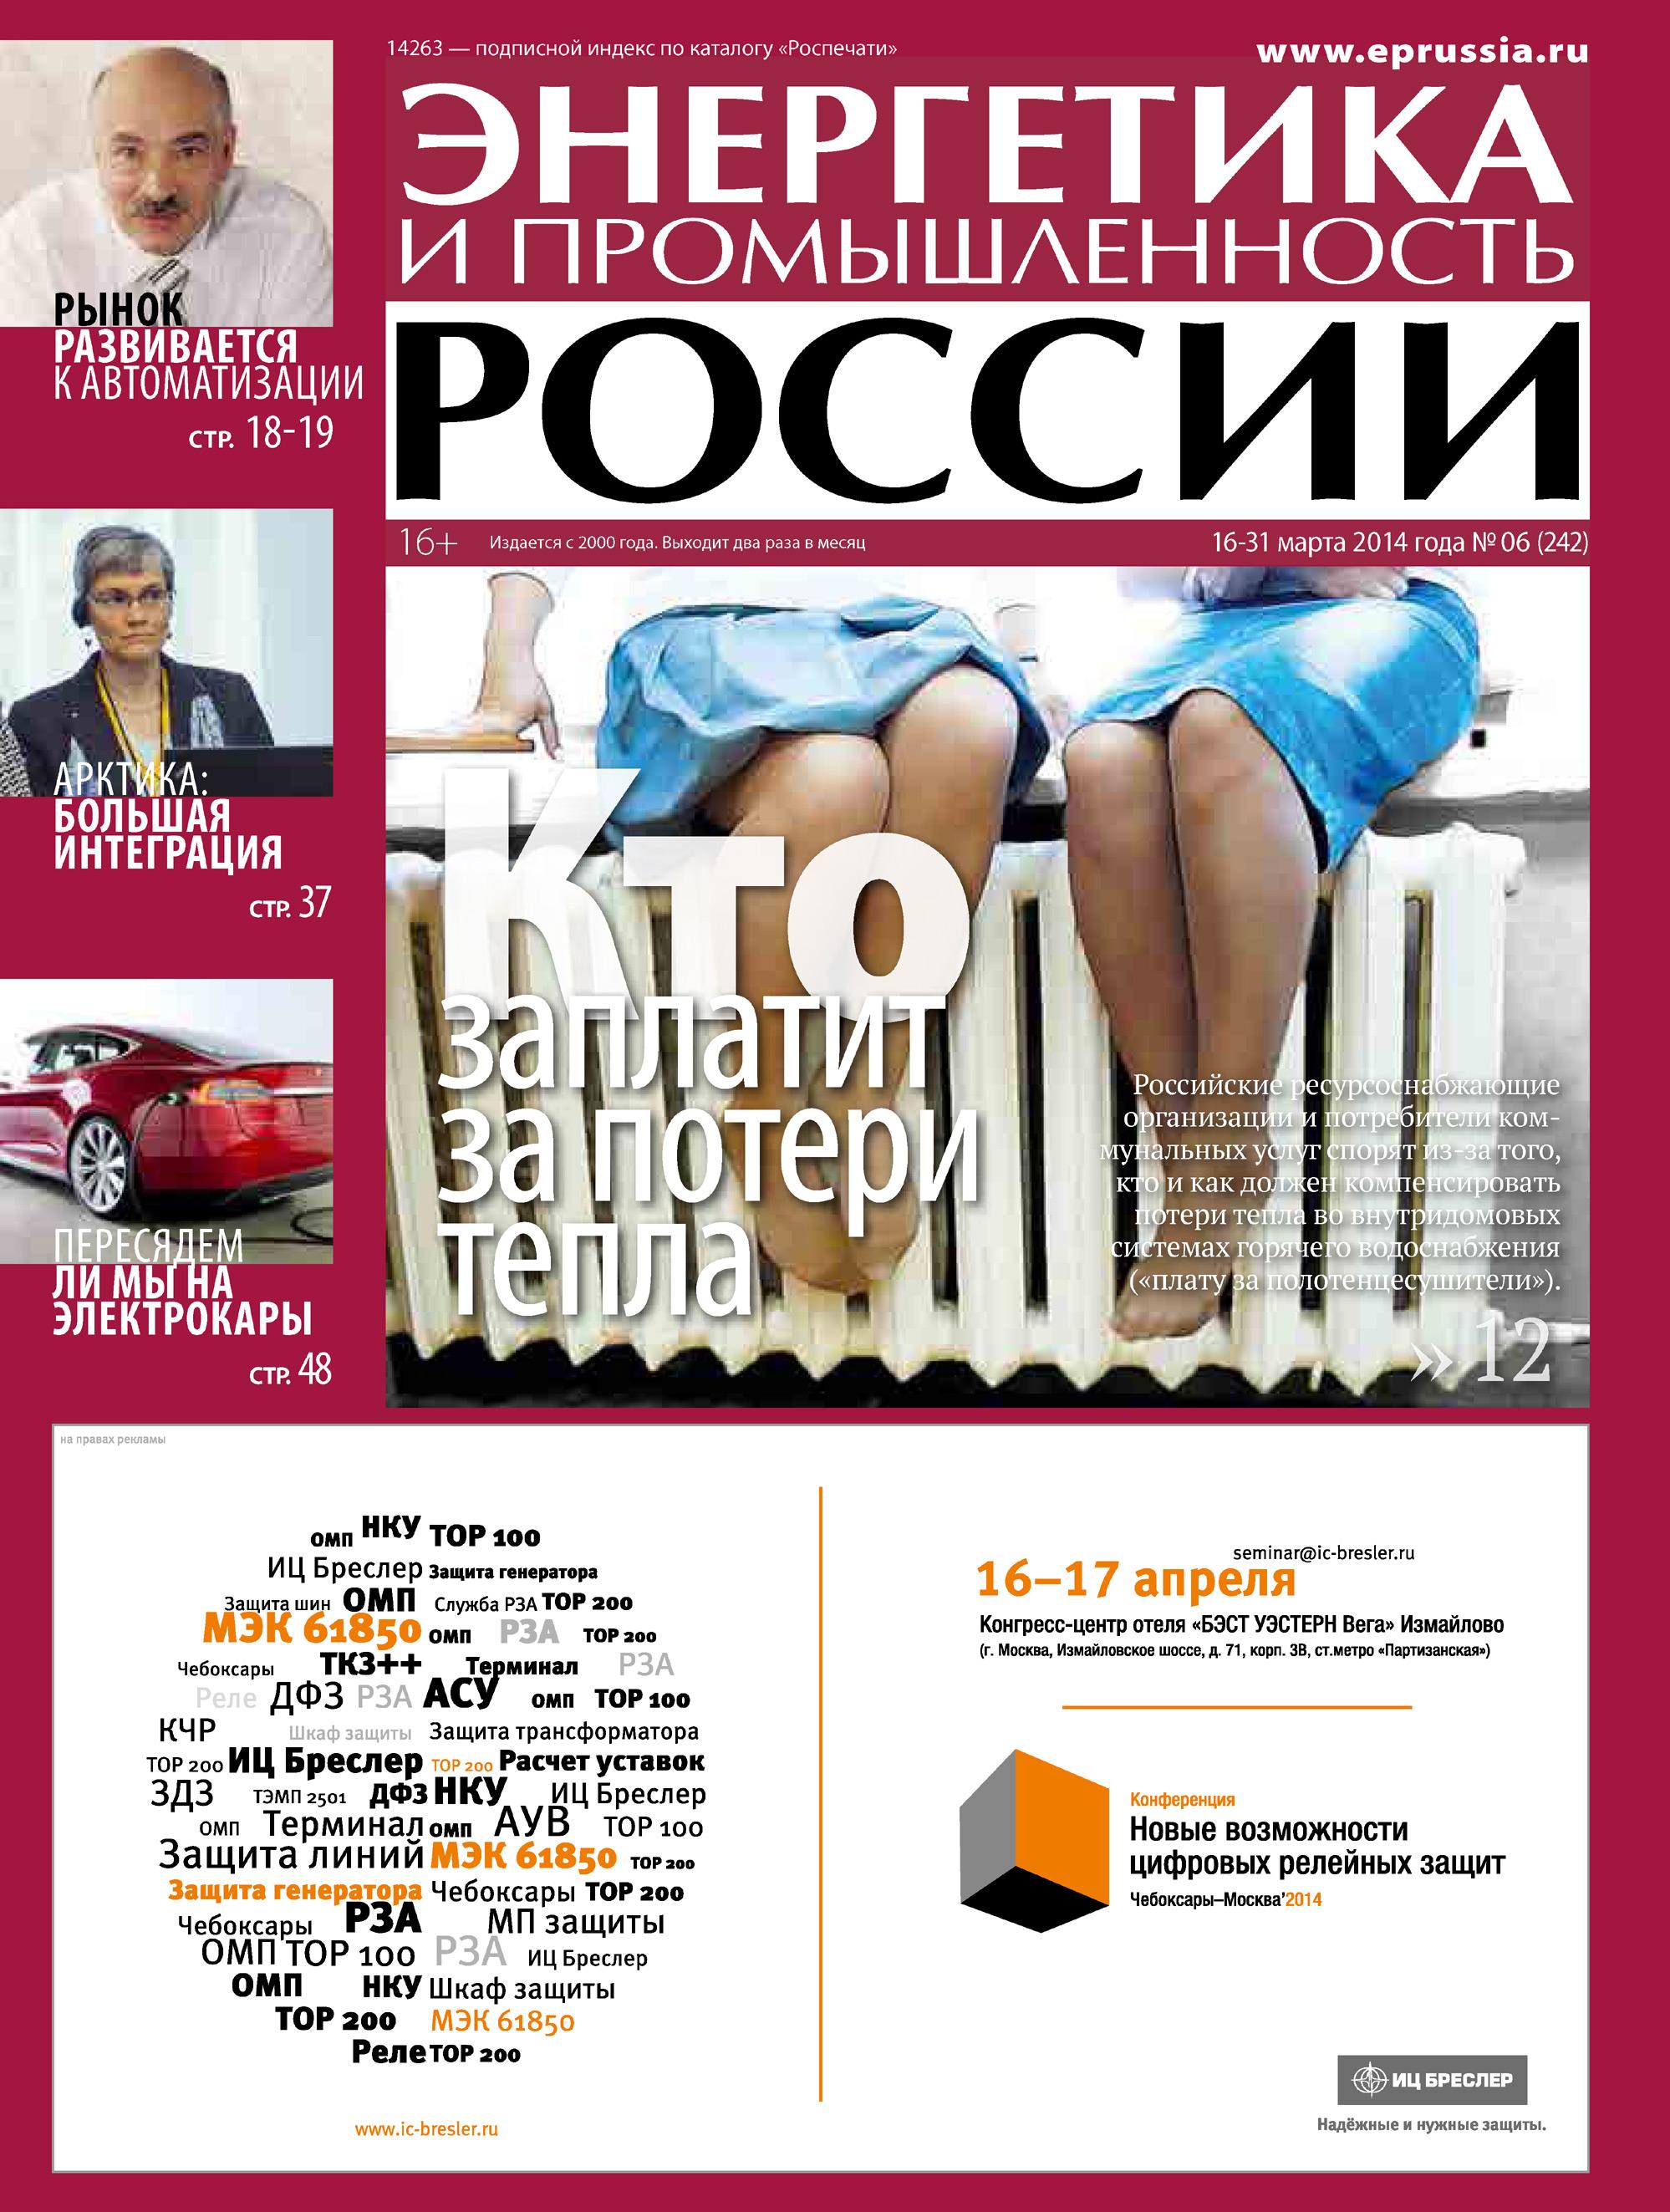 Энергетика и промышленность России №6 2014